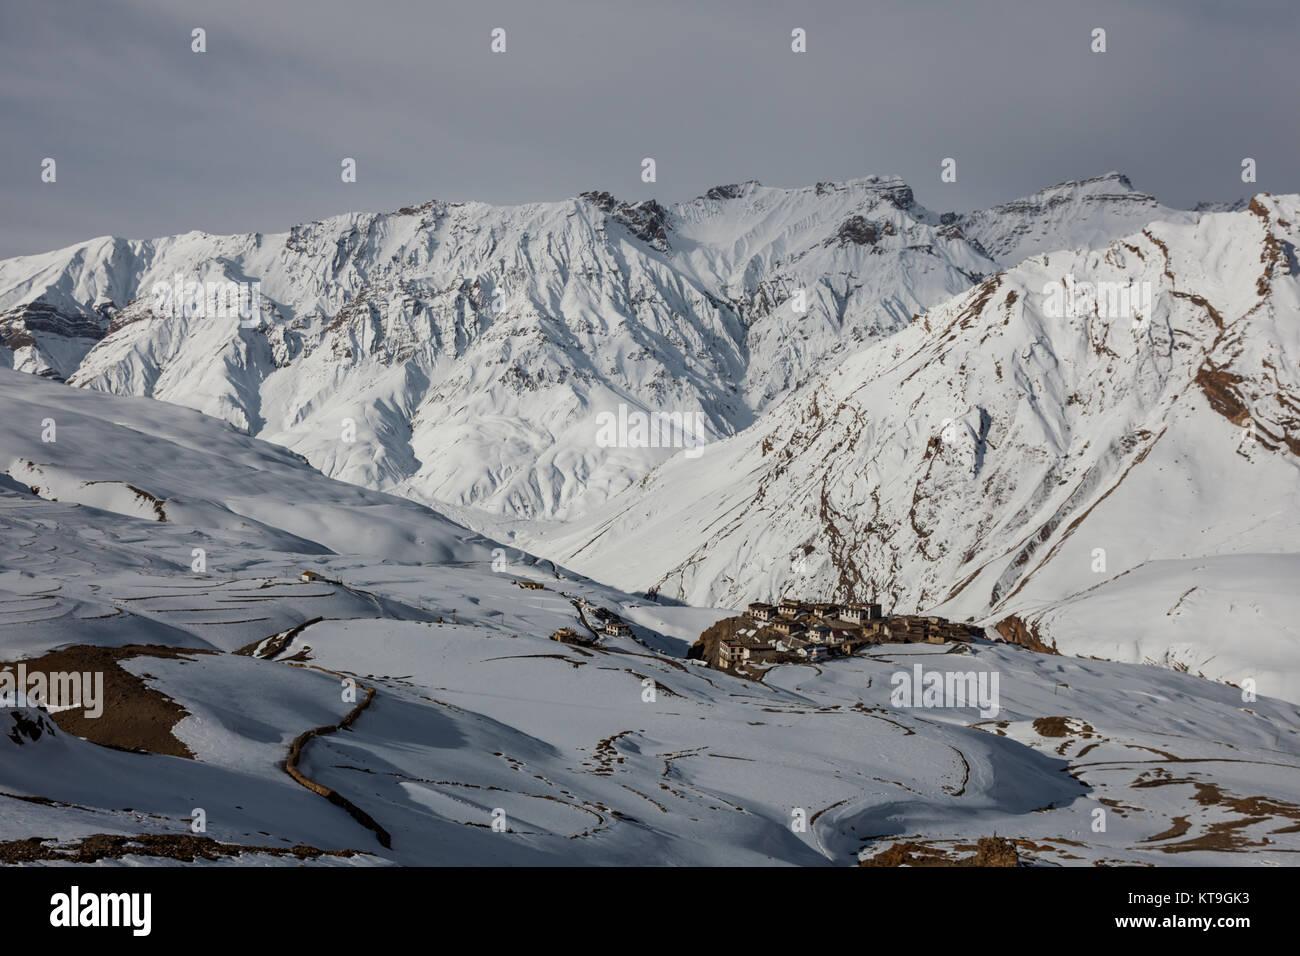 Kibber village in winter in Spiti Valley in Himachal Pradesh, India - Stock Image